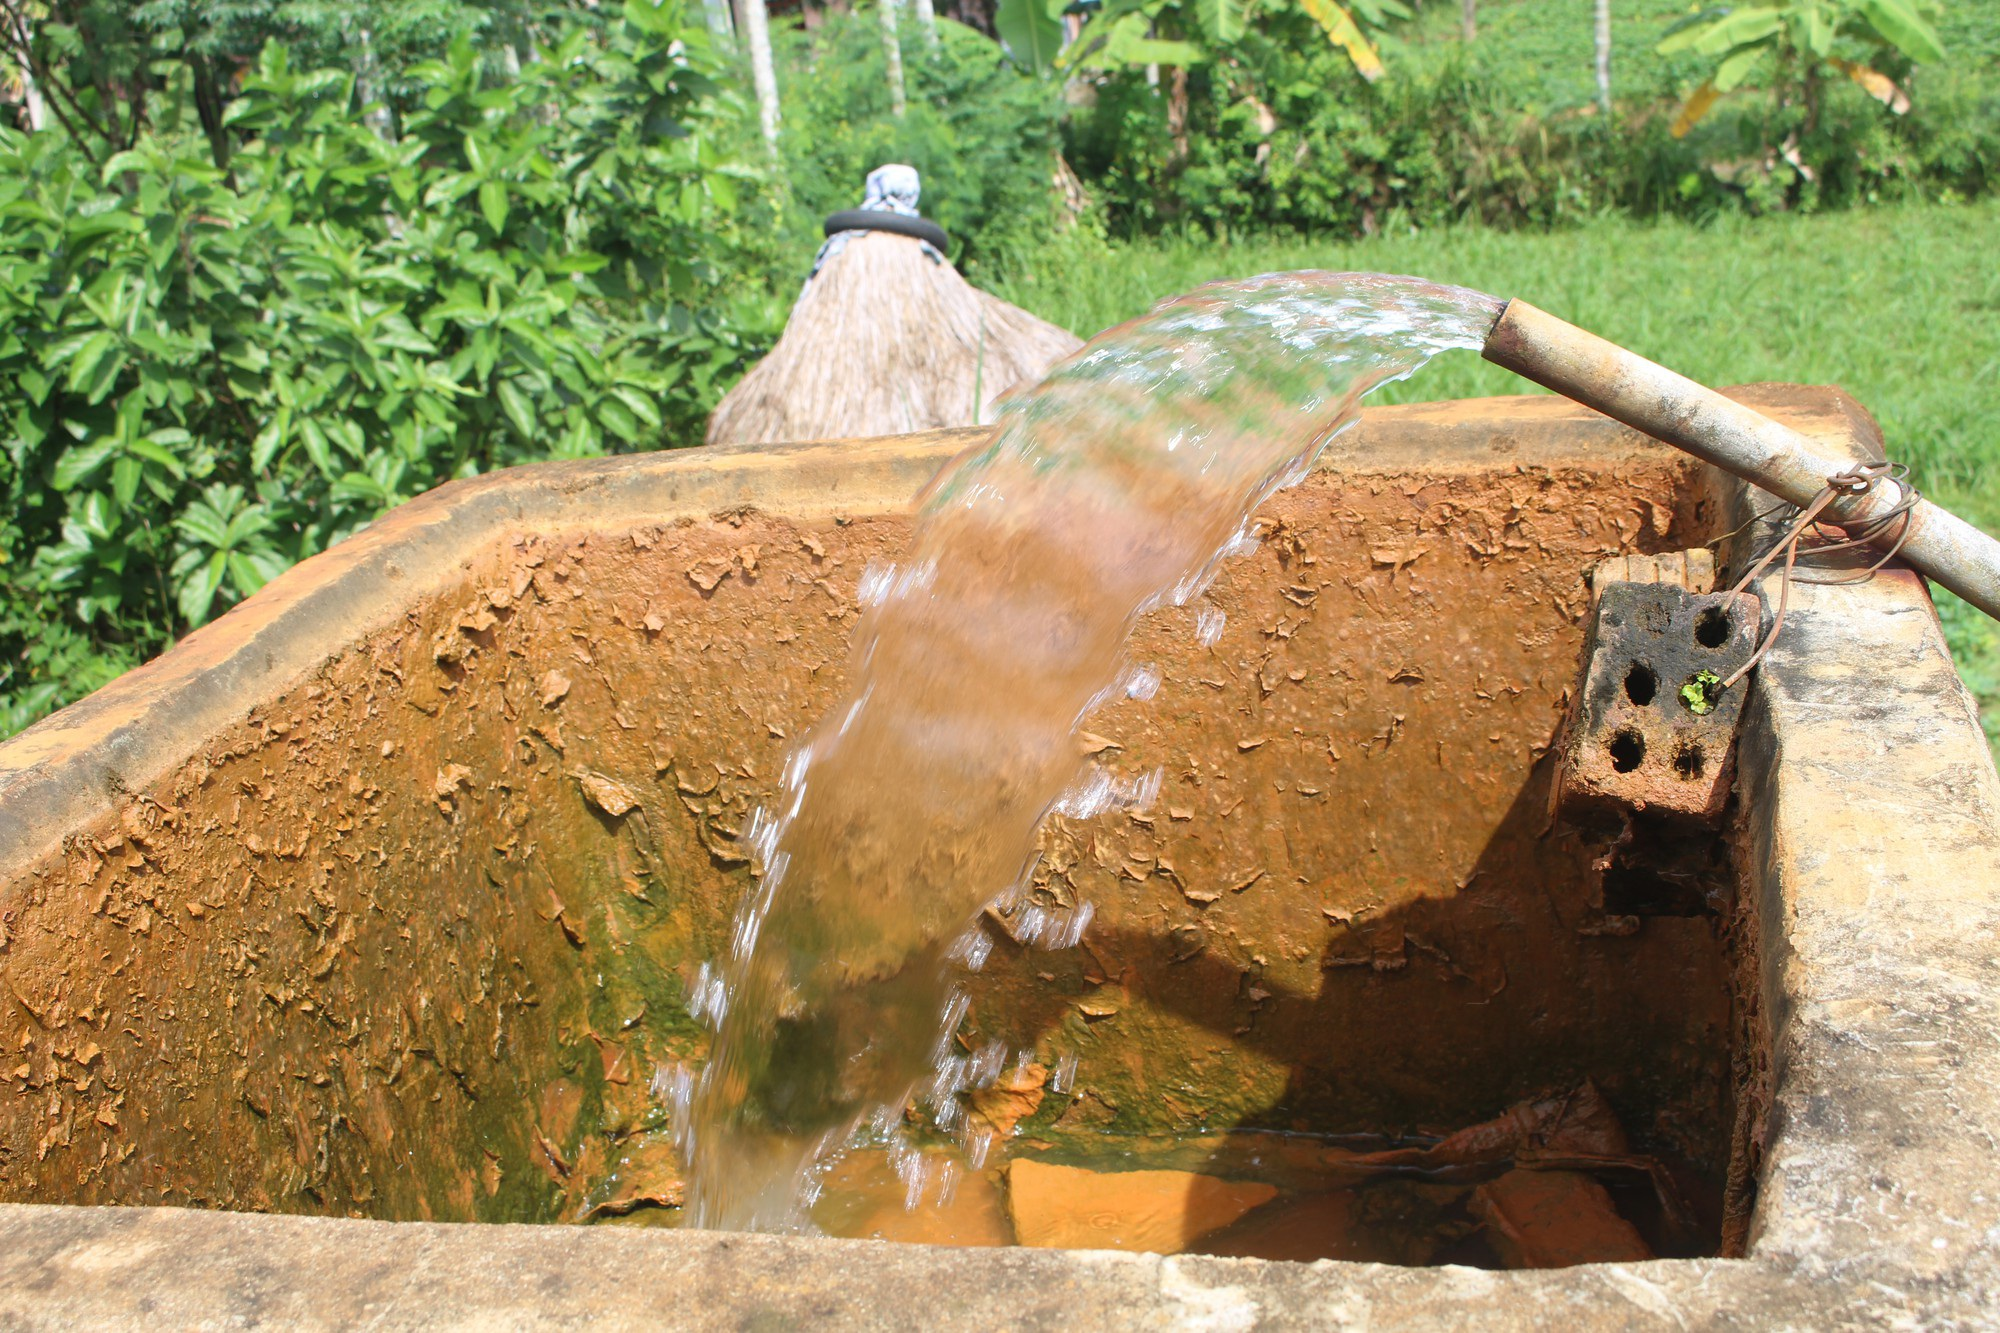 Hàng trăm hộ dân dùng nước nhiễm phèn vàng như nghệ - Ảnh 1.